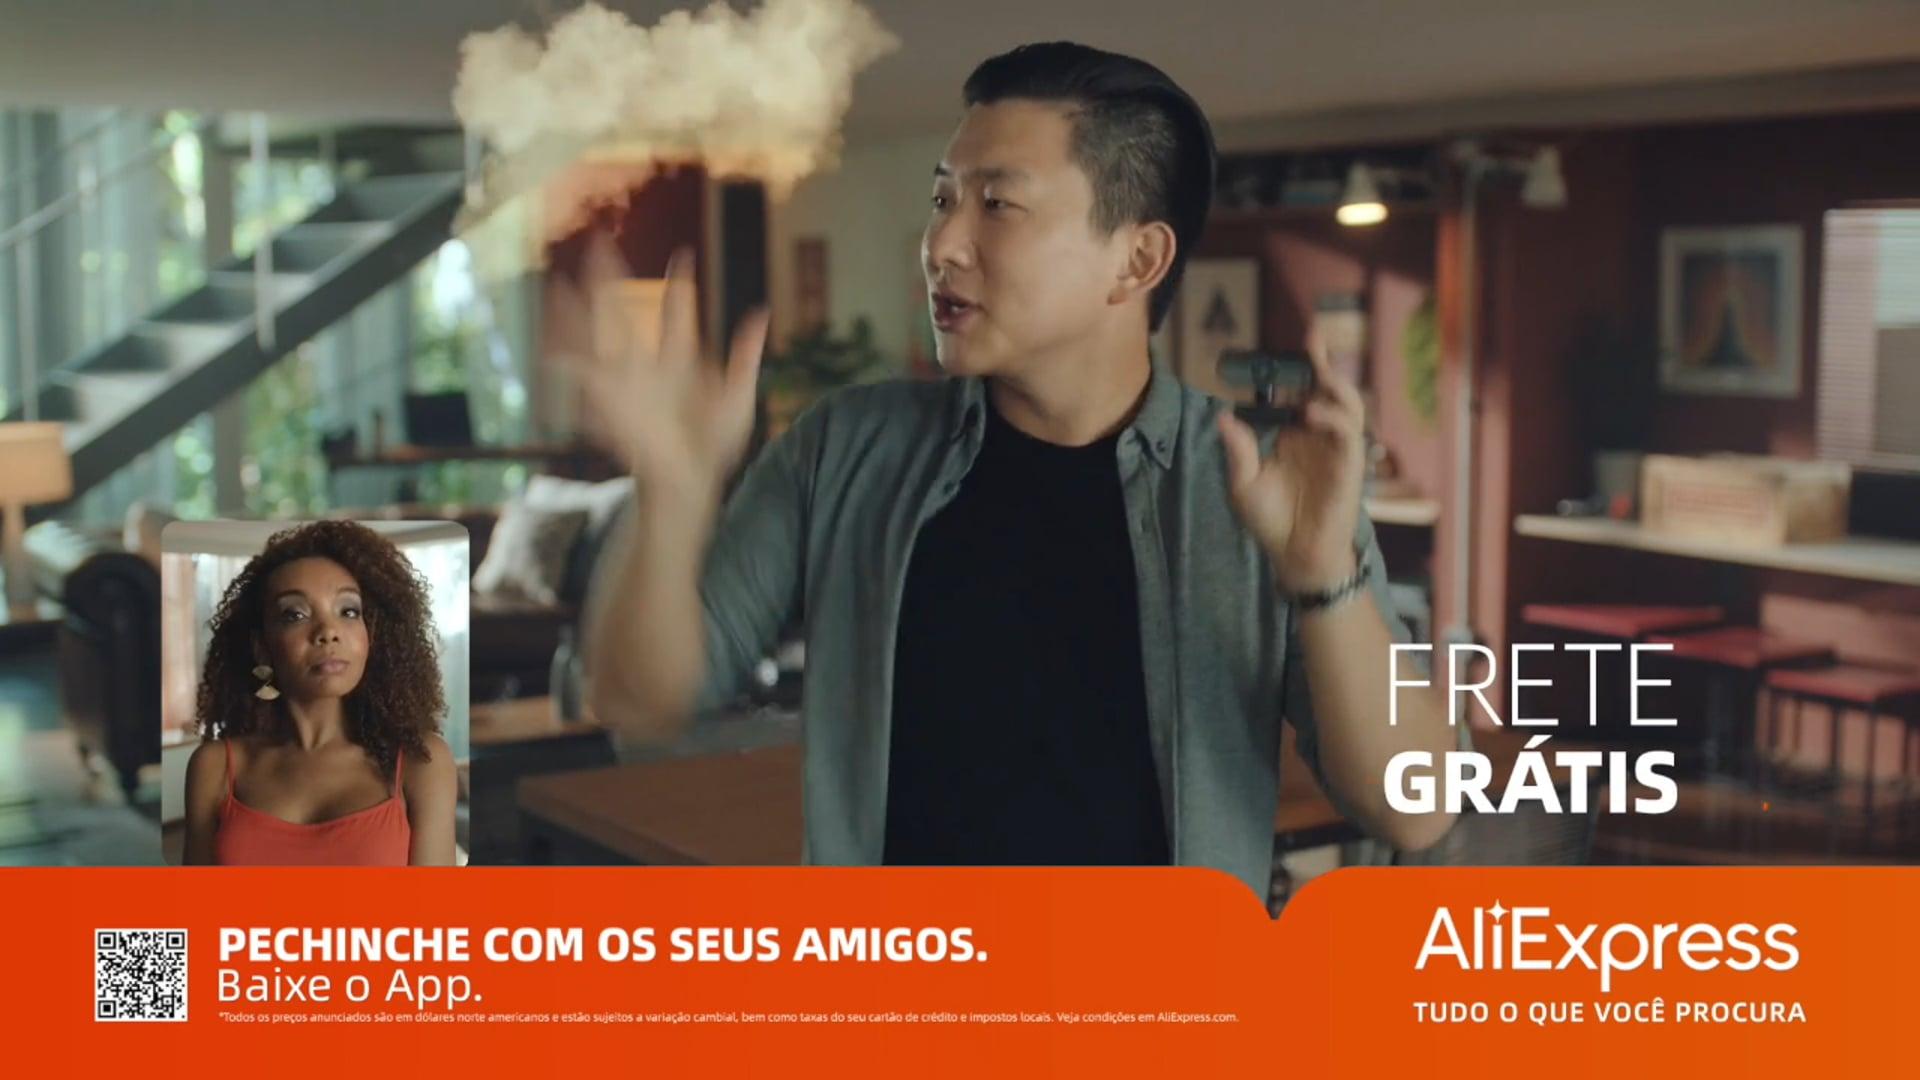 Aliexpress | Campanha Slash